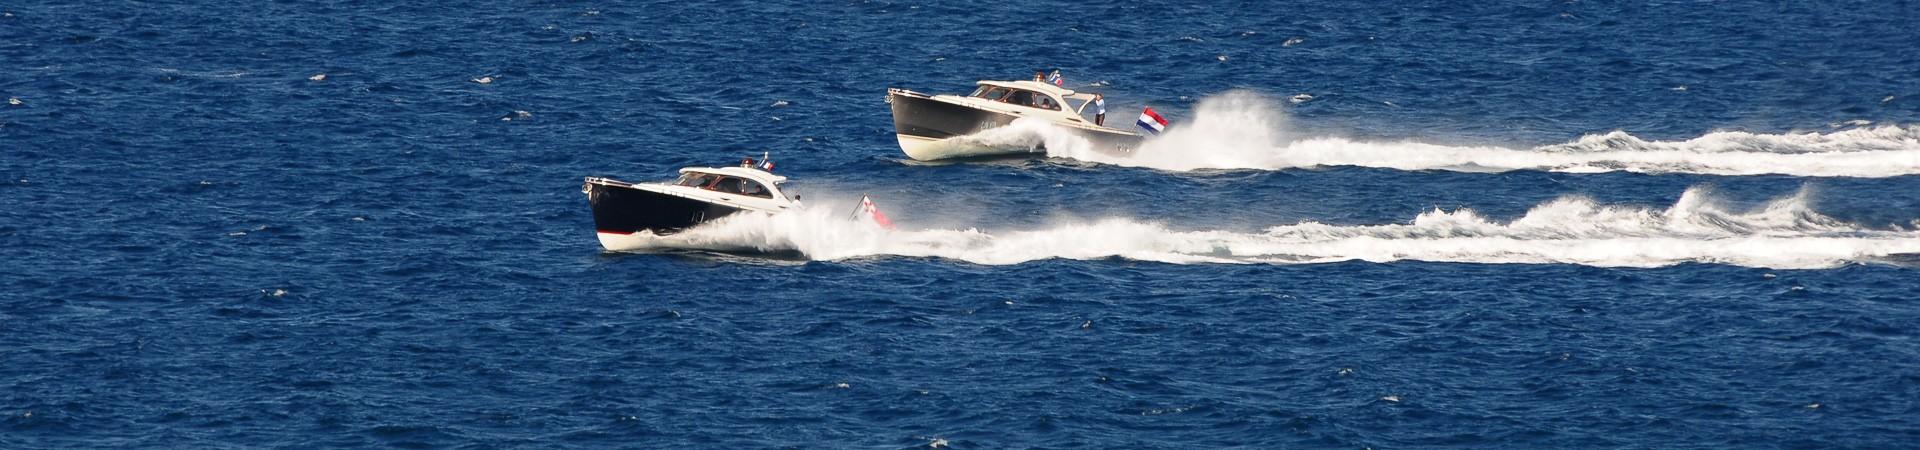 DSC 2455 - Sportbootführerschein See (SBF See)